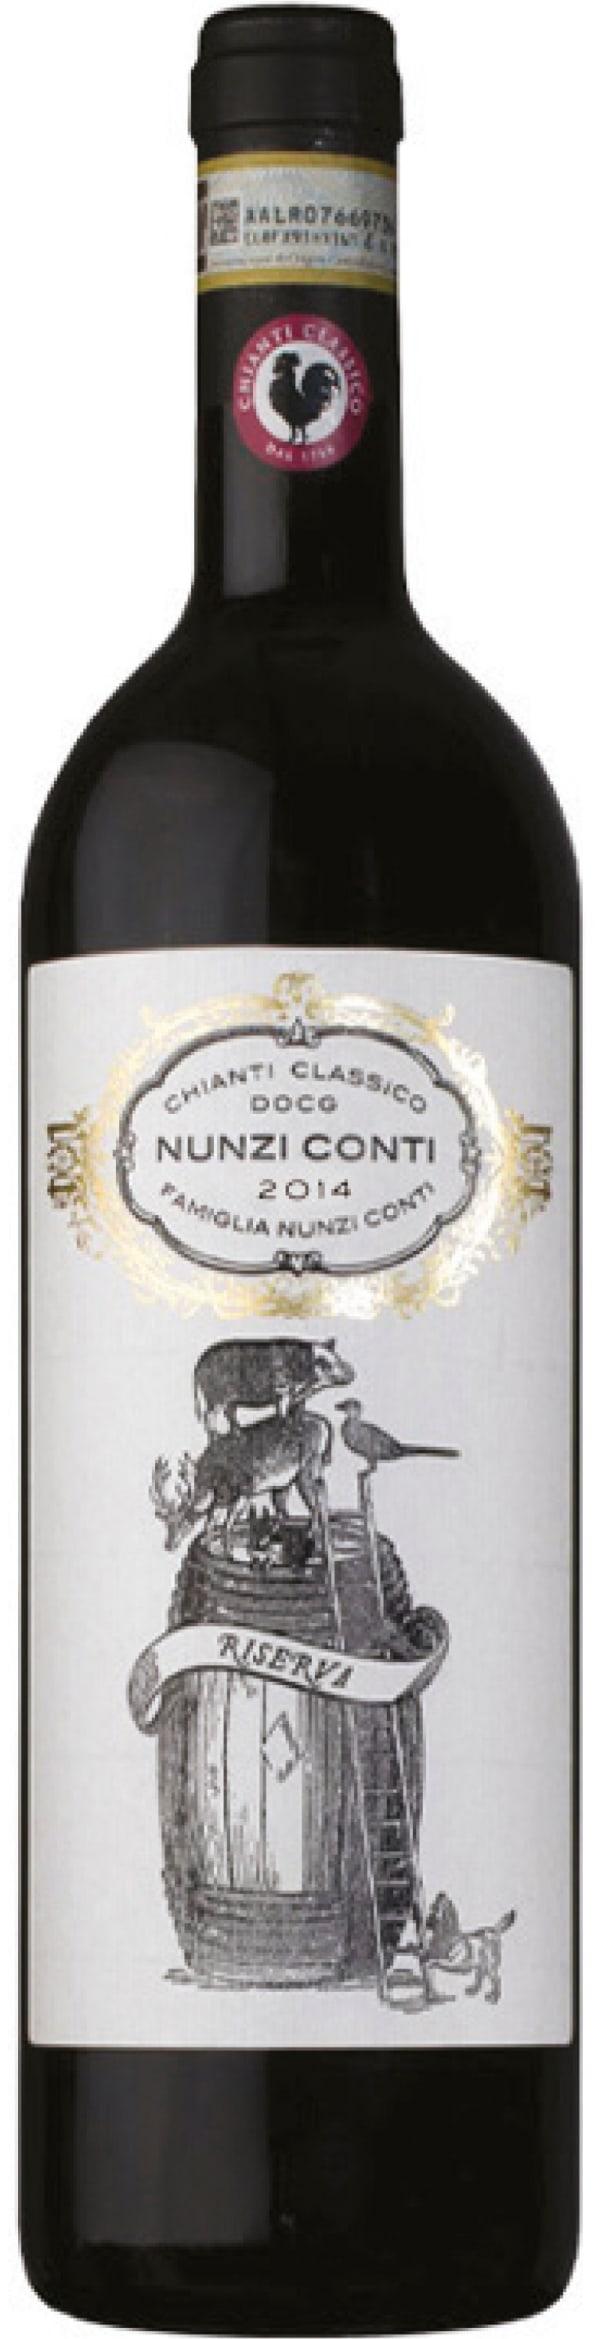 Nunzi Conti Chianti Classico Riserva 2016